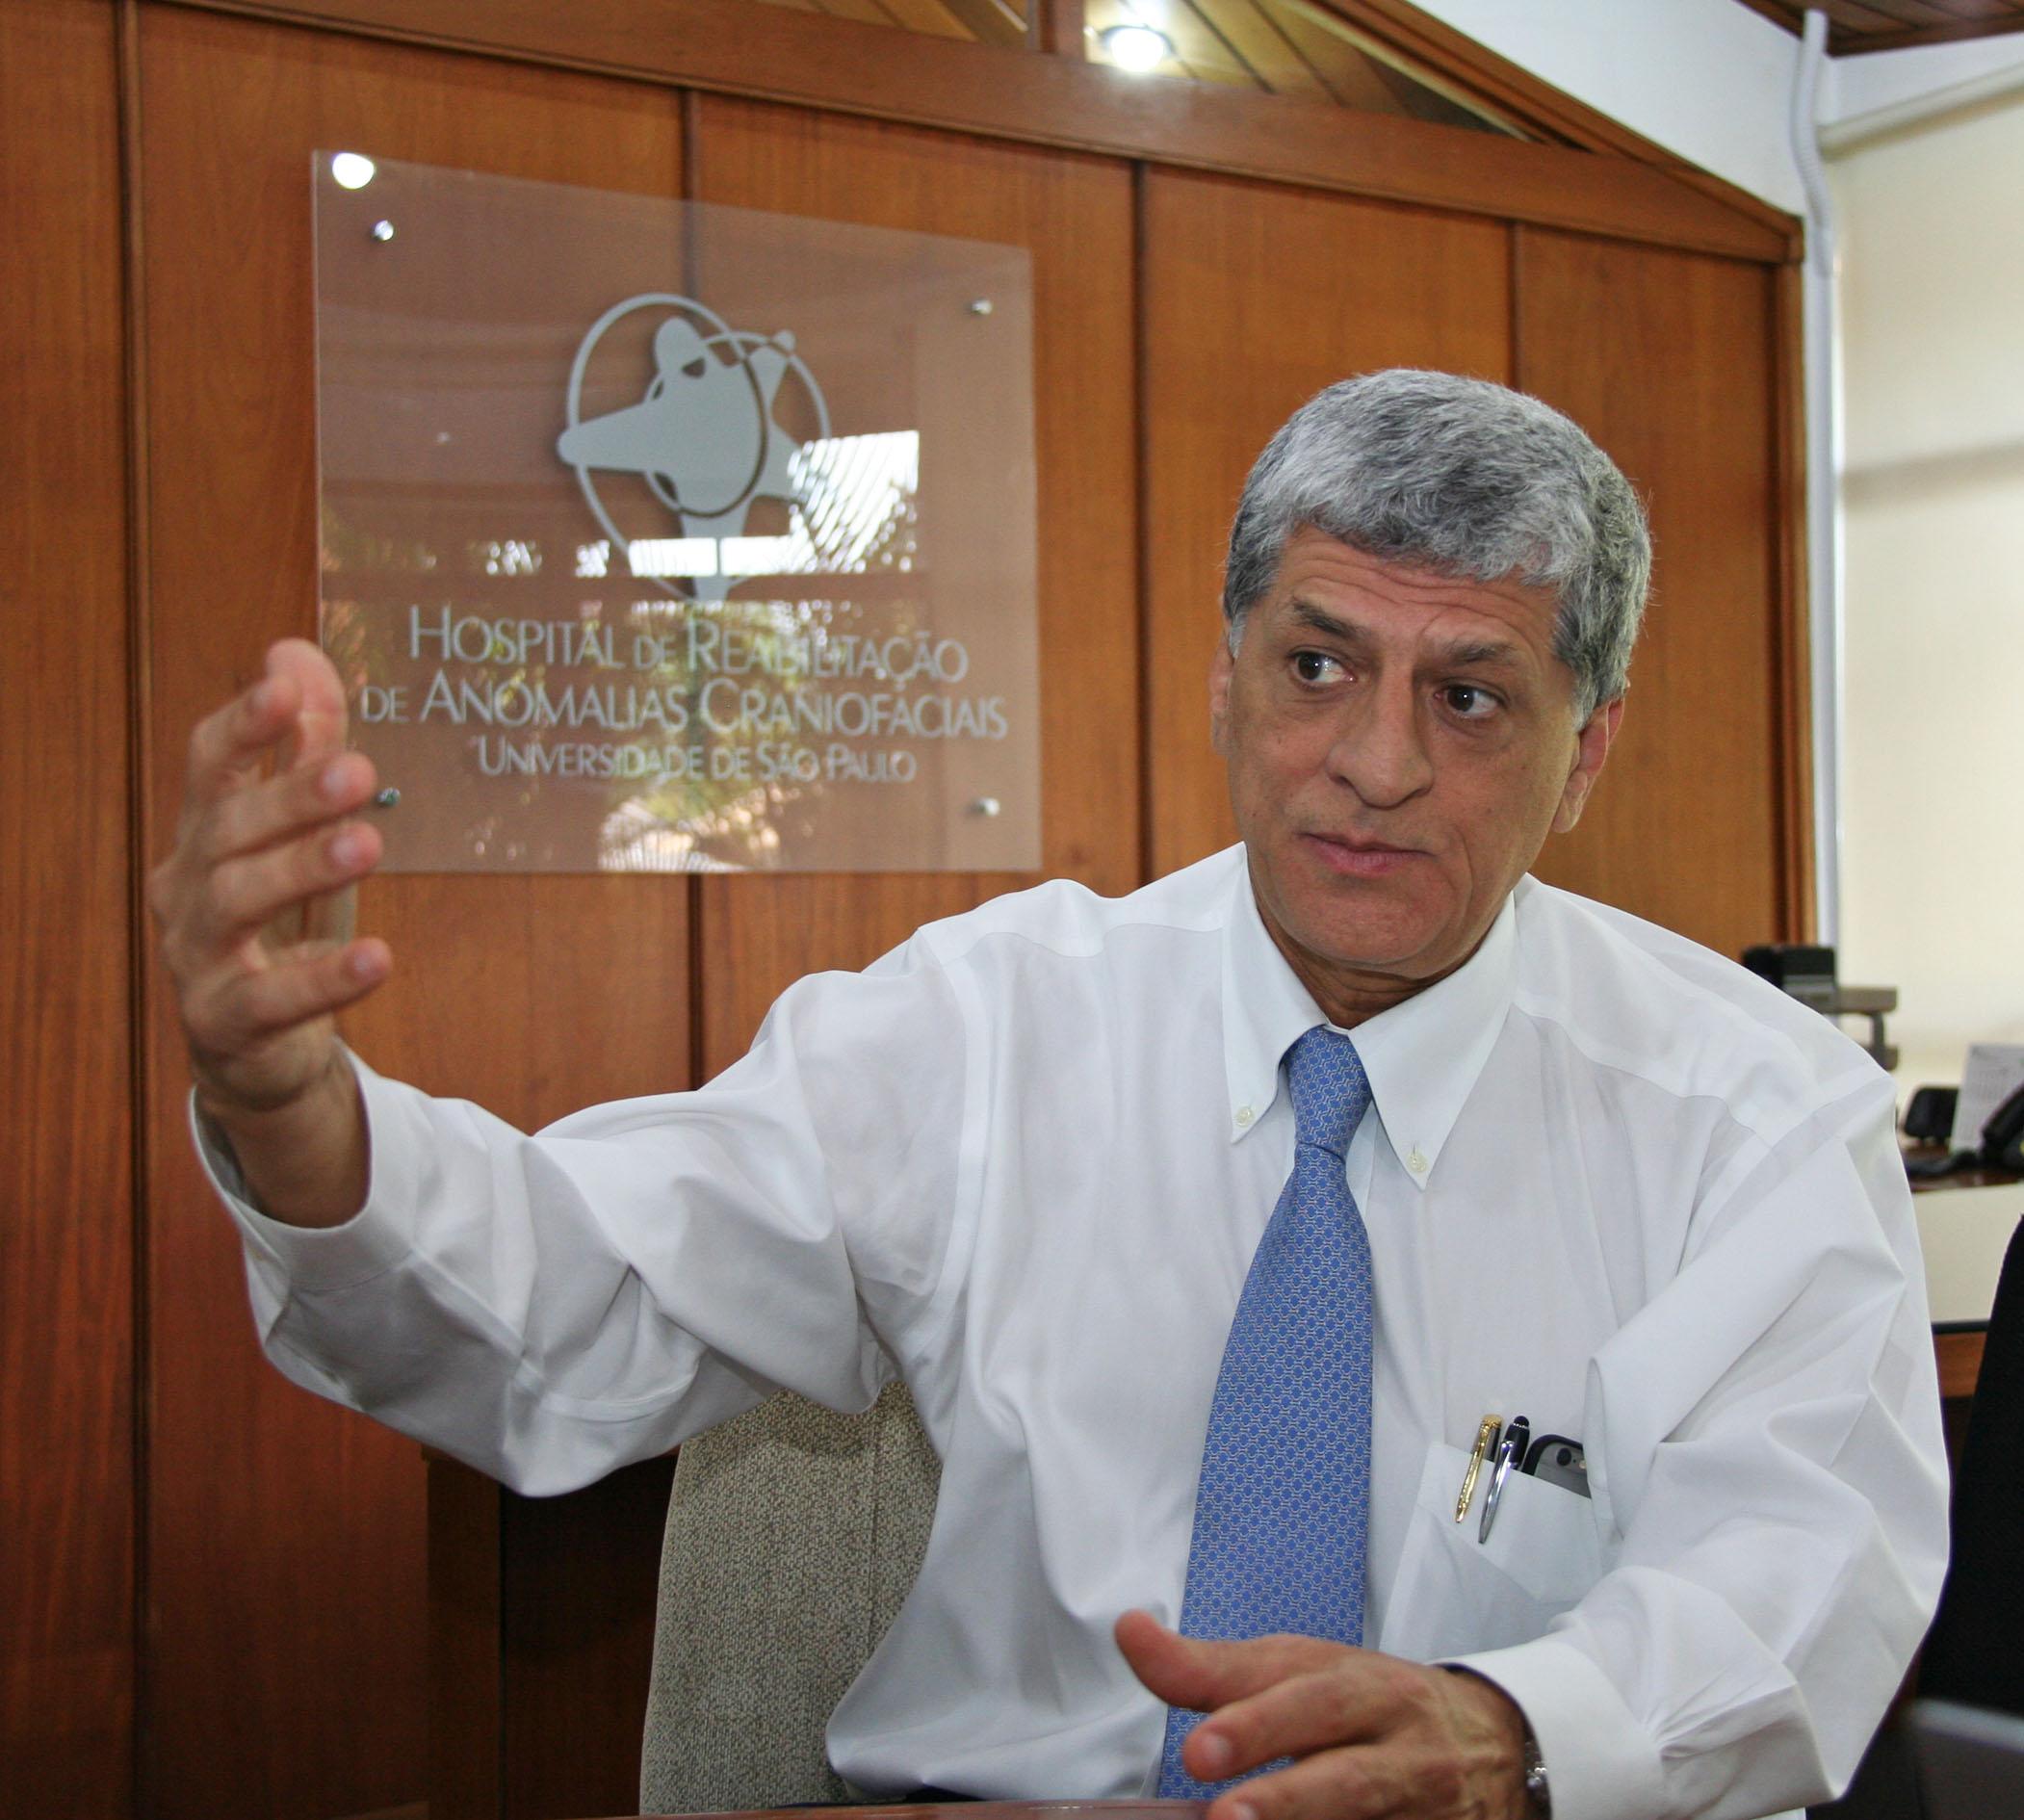 (Português do Brasil) Professor da USP é o primeiro brasileiro nomeado para conselho médico internacional em fissuras